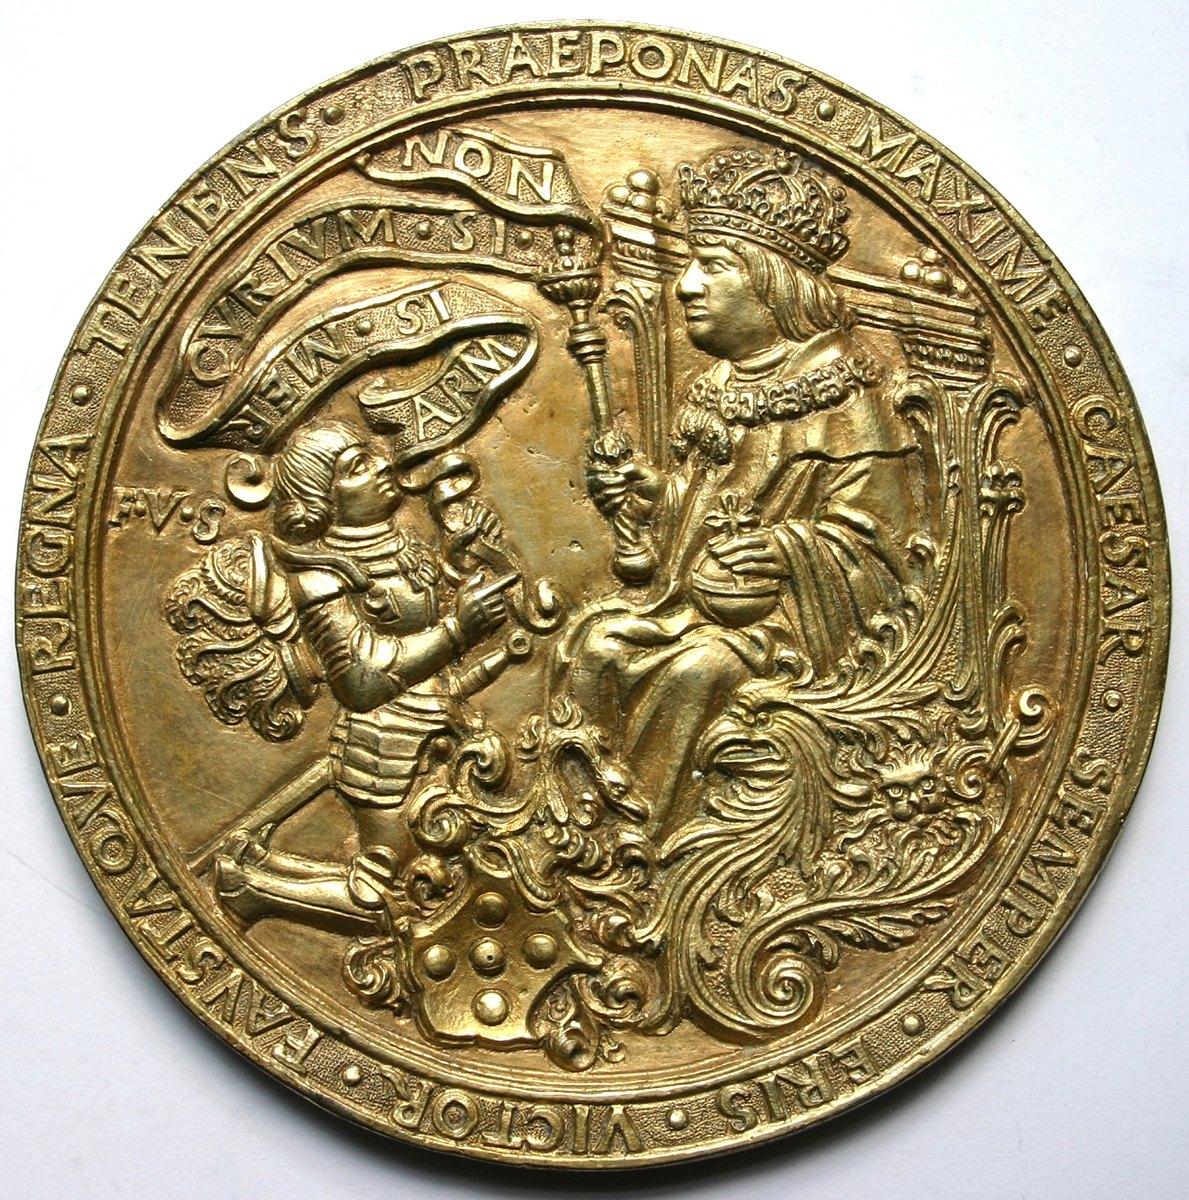 """""""Meister des Triumphwagens Maximilians I."""", Österreich, Kaiser Maximilian I. (1508-1519) und Reichsritter Franz von Sickingen, Prunkmedaille 1518, Guss, Silber vergoldet, 85 mm"""